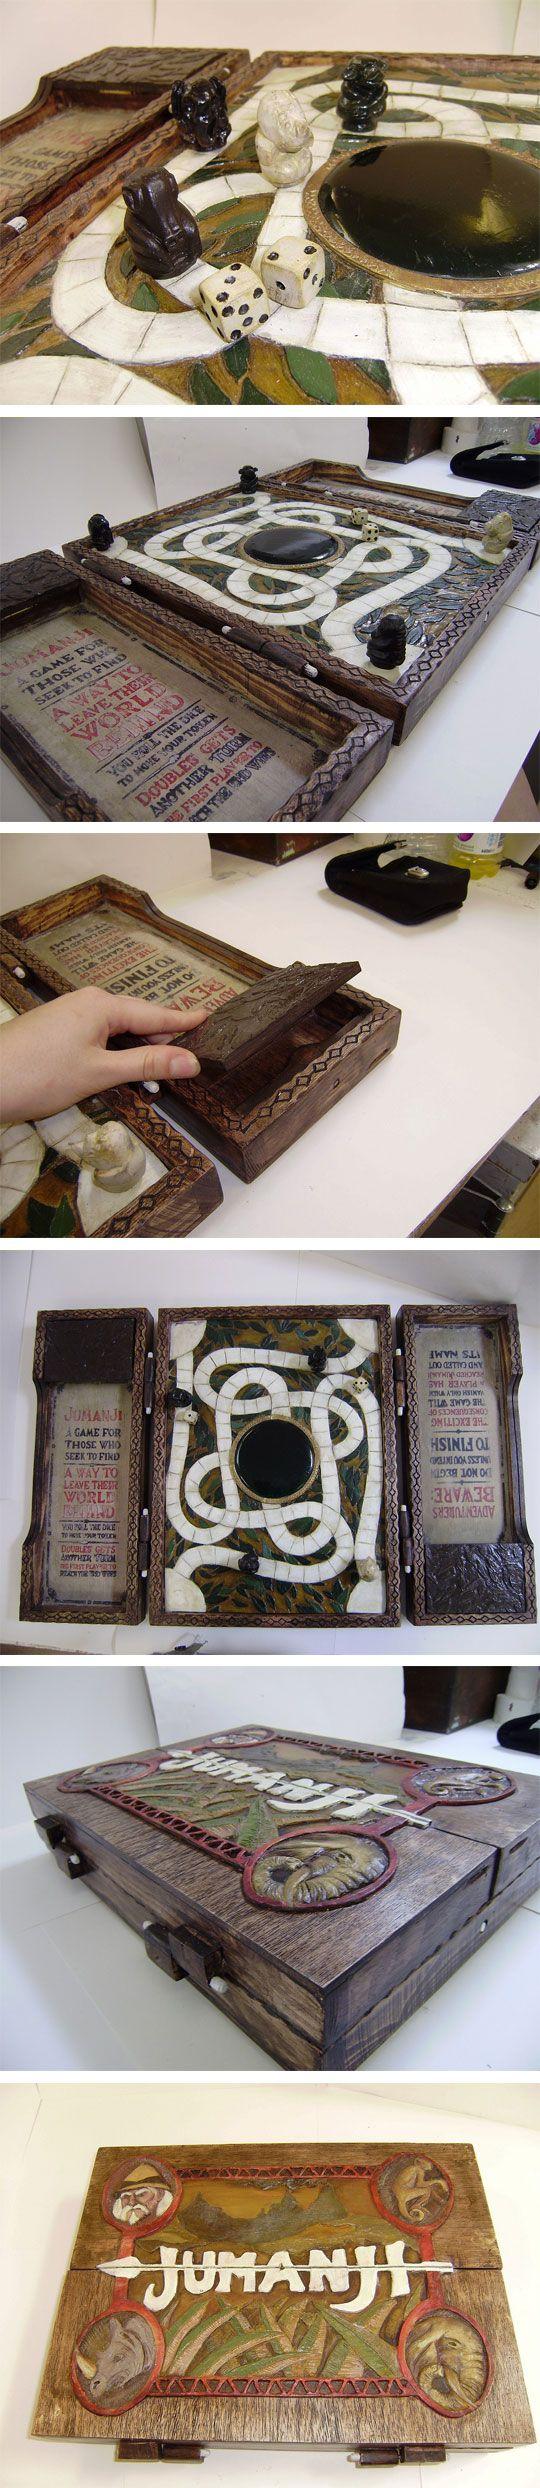 cool-Jumanji-game-box-carved